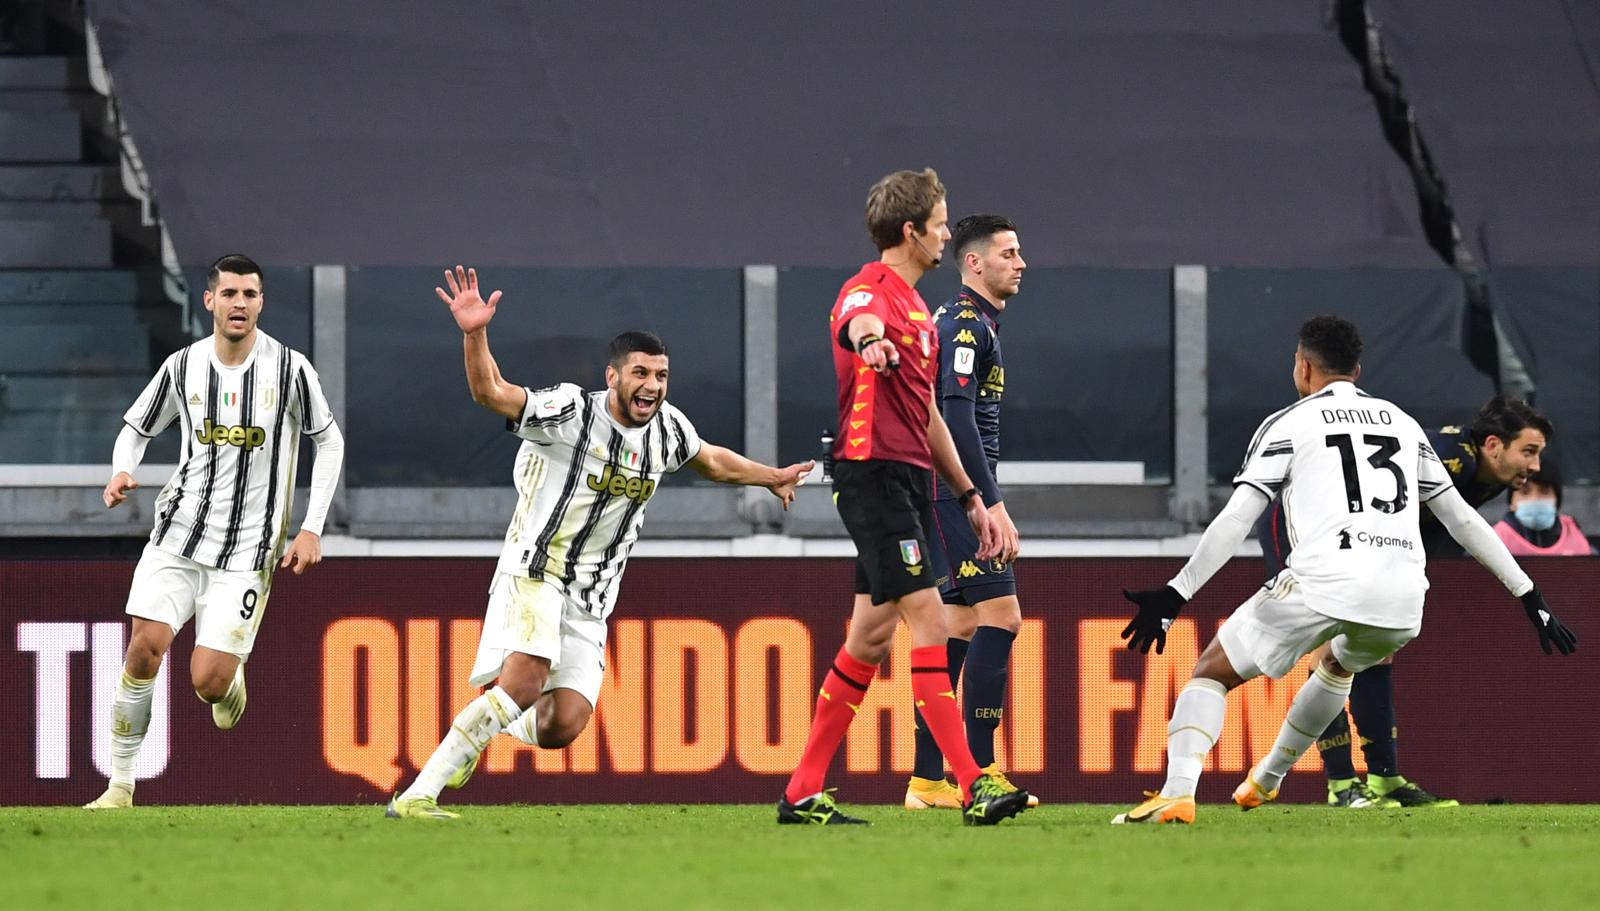 Rafia brilla alla prima tra i grandi: gol e quarti di finale per la Juve